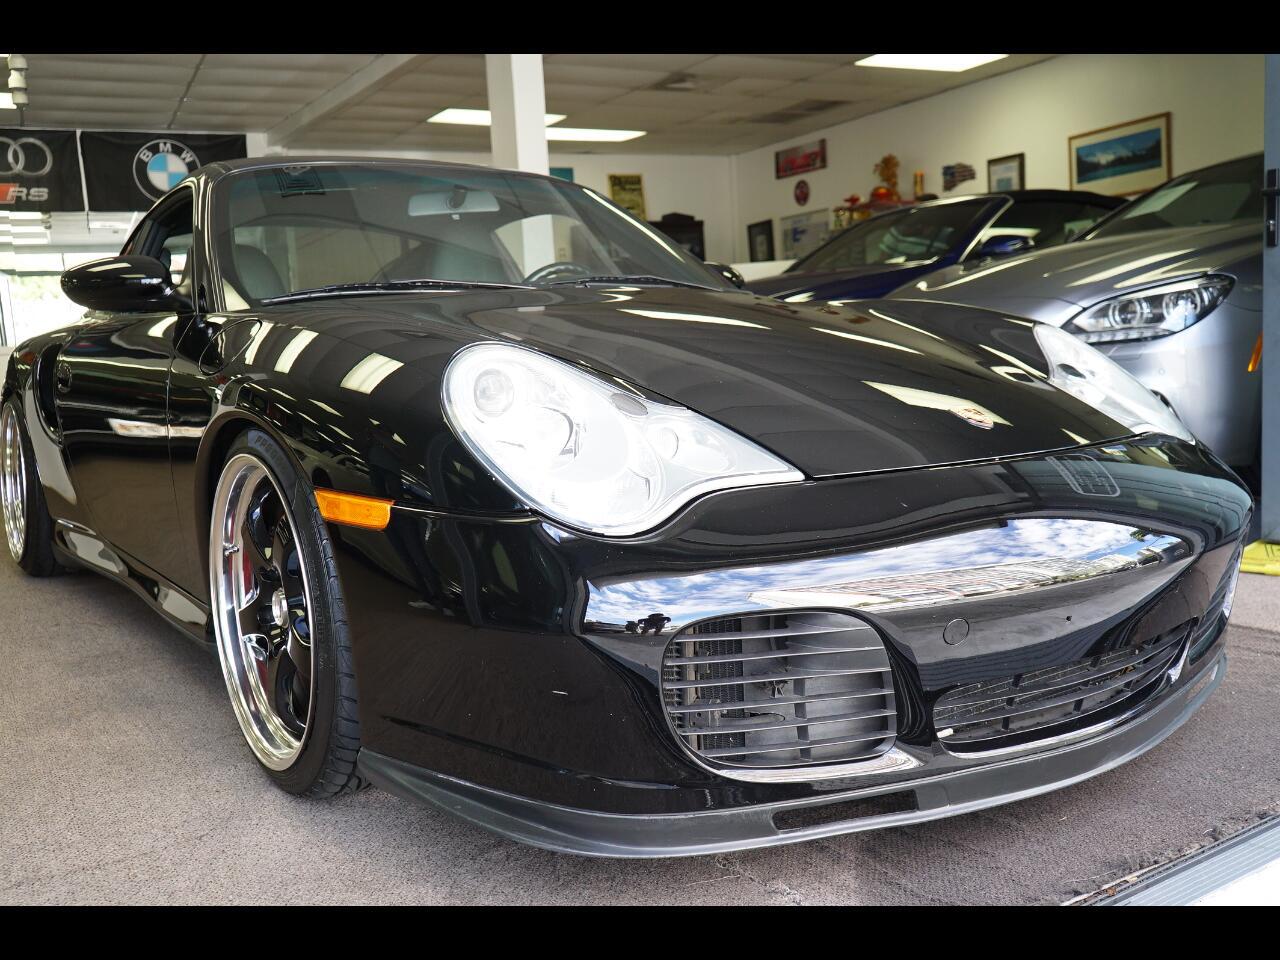 2001 Porsche 911 Carrera 2dr Carrera Turbo 6-Spd Manual